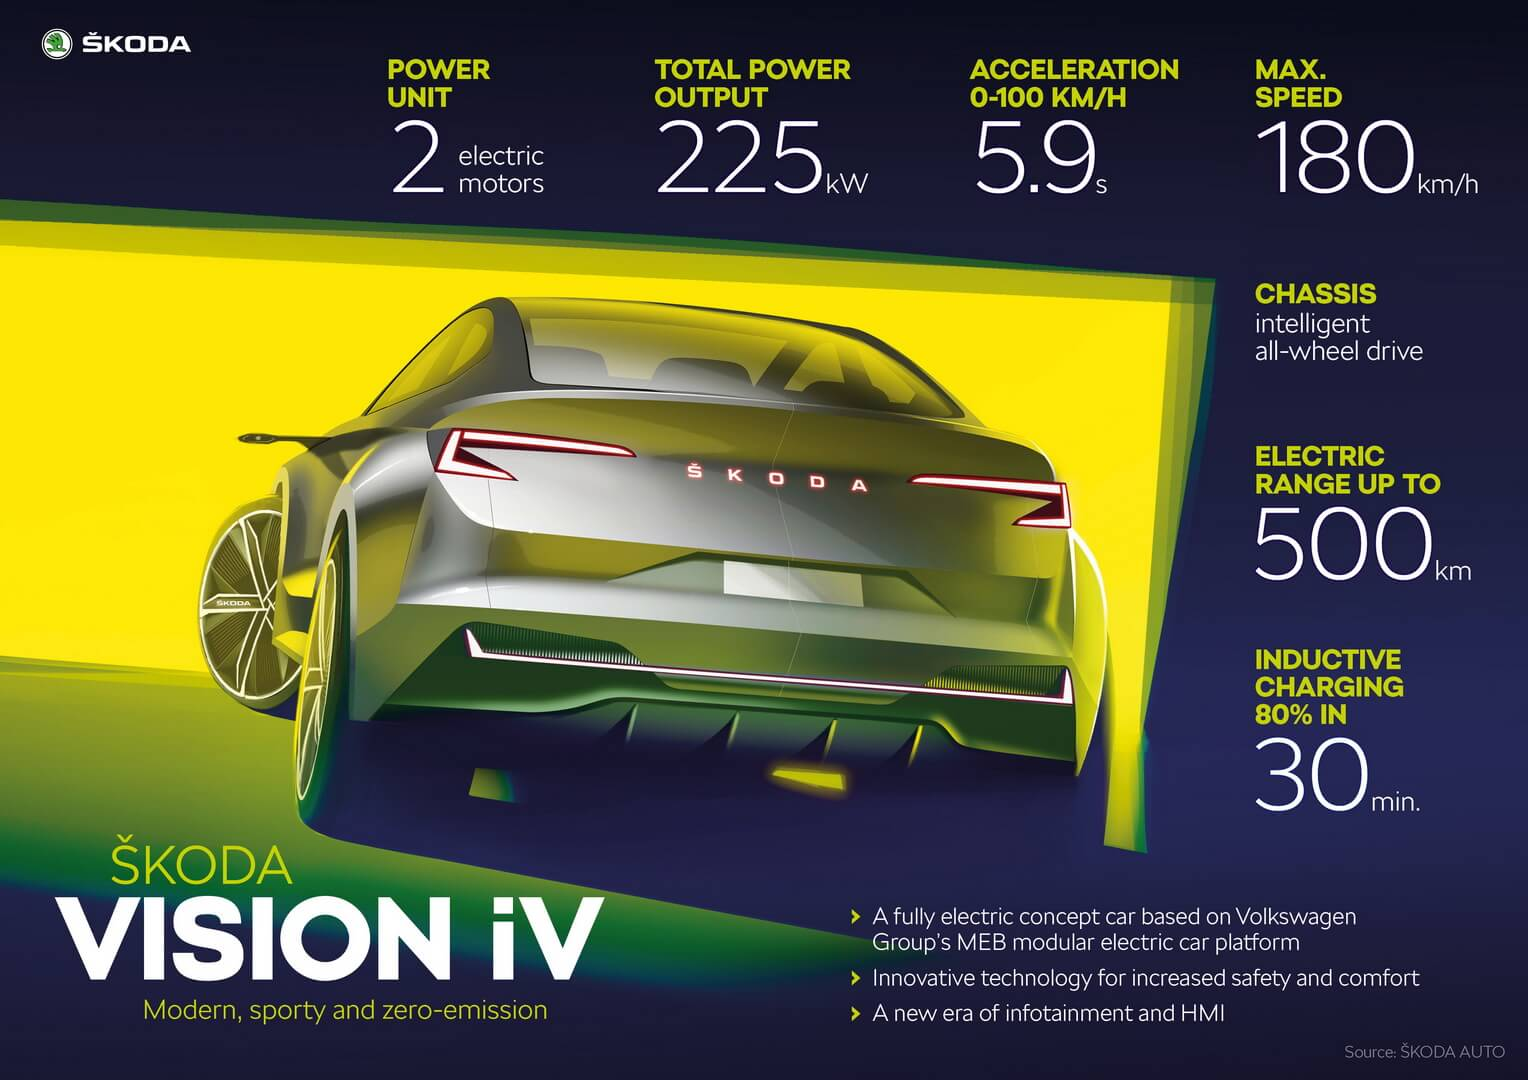 Основные технические характеристики Skoda VISIONiV